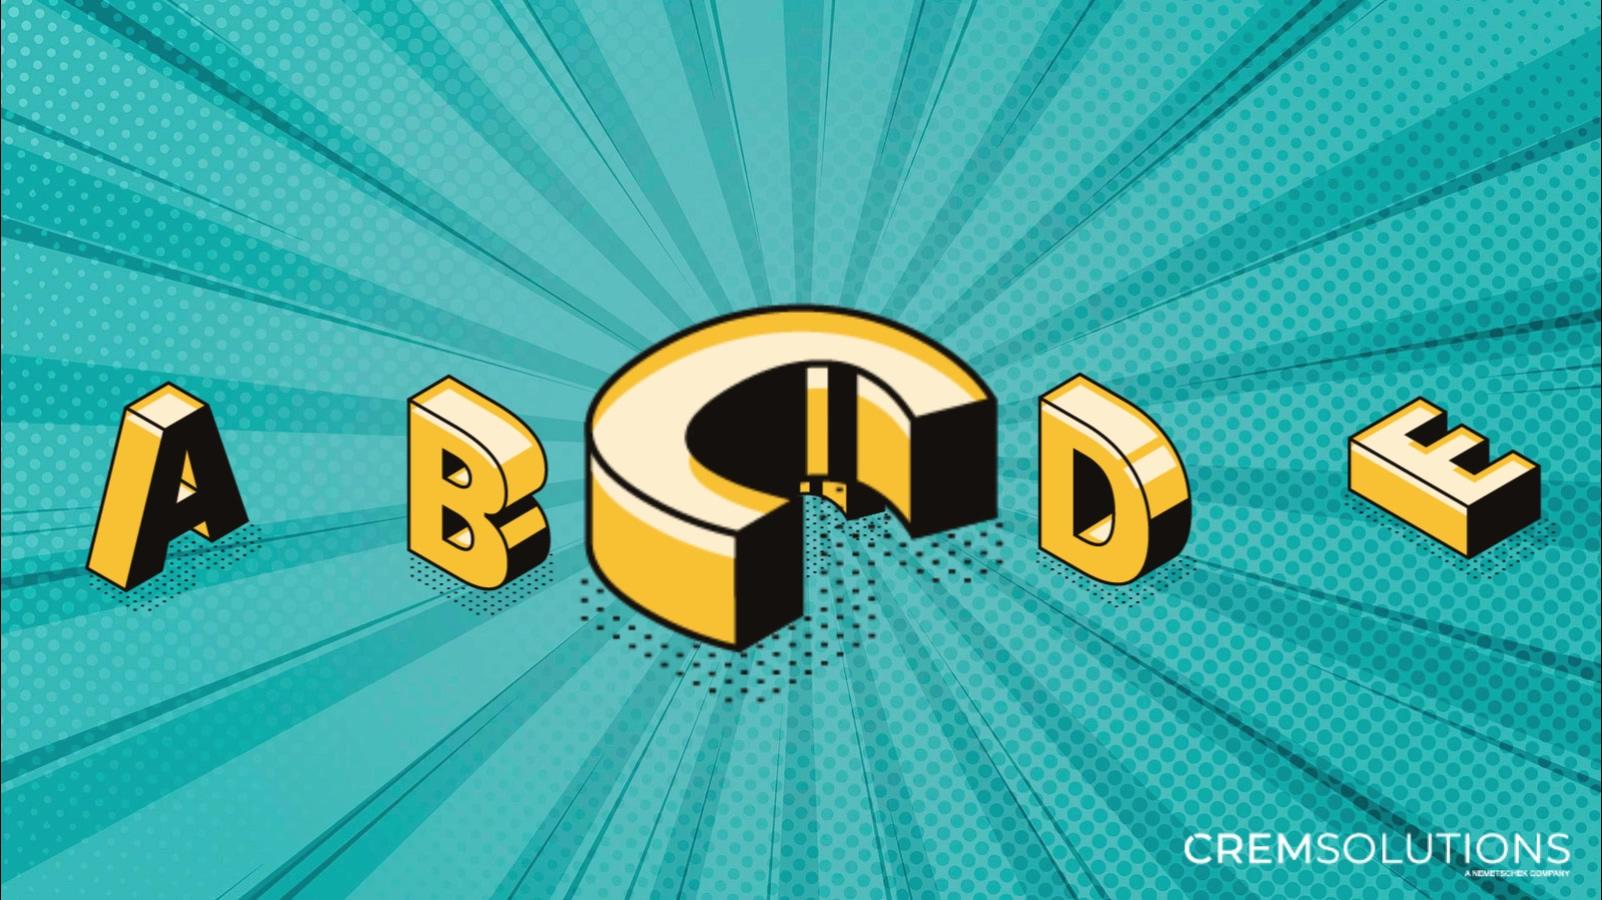 DigiABC-C